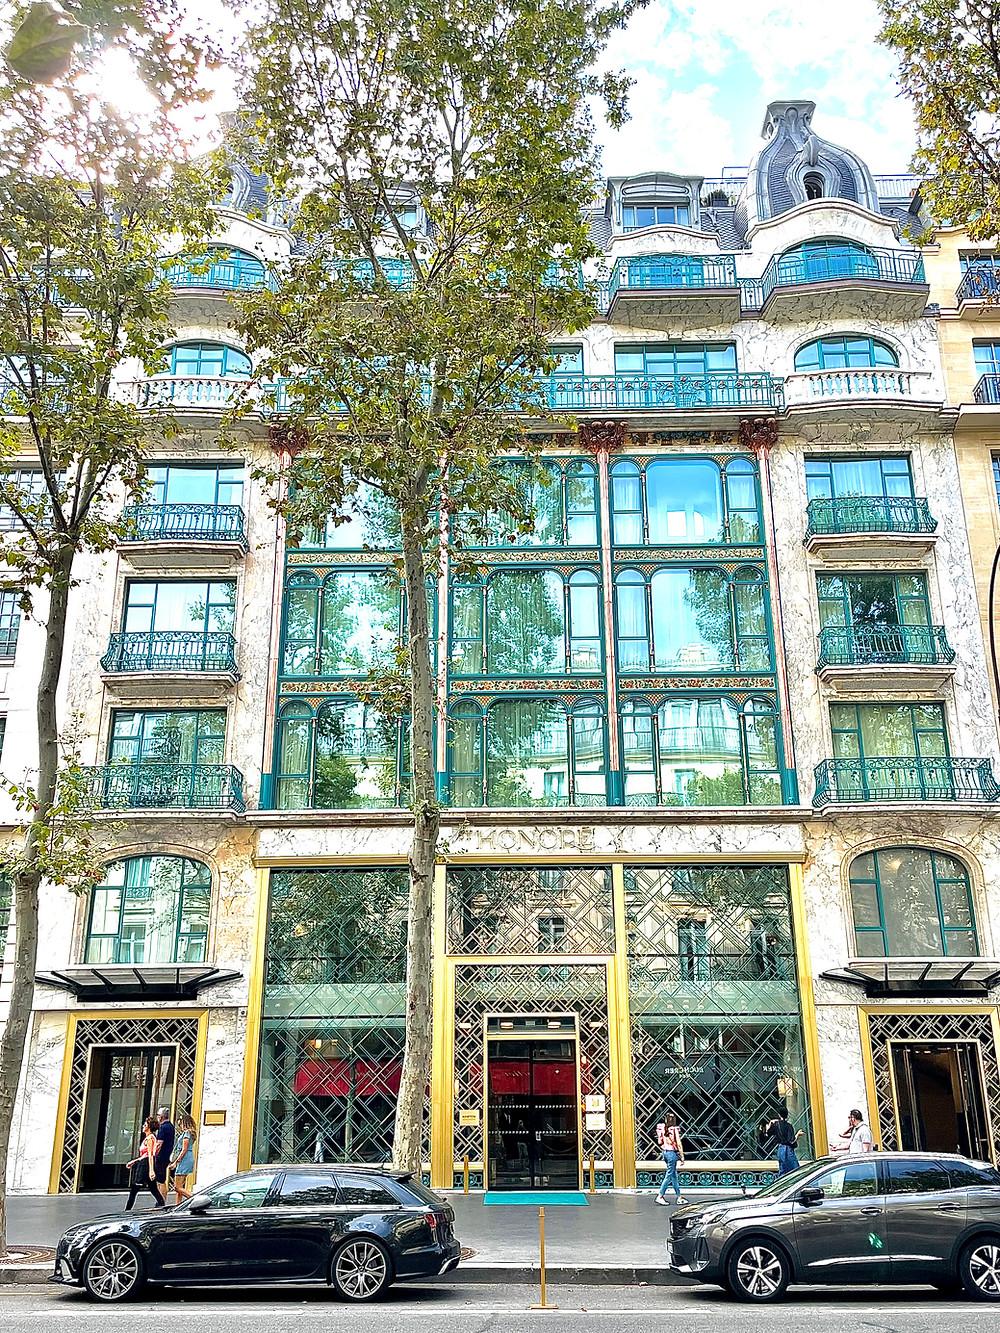 Hotel kimpton saint honore Paris